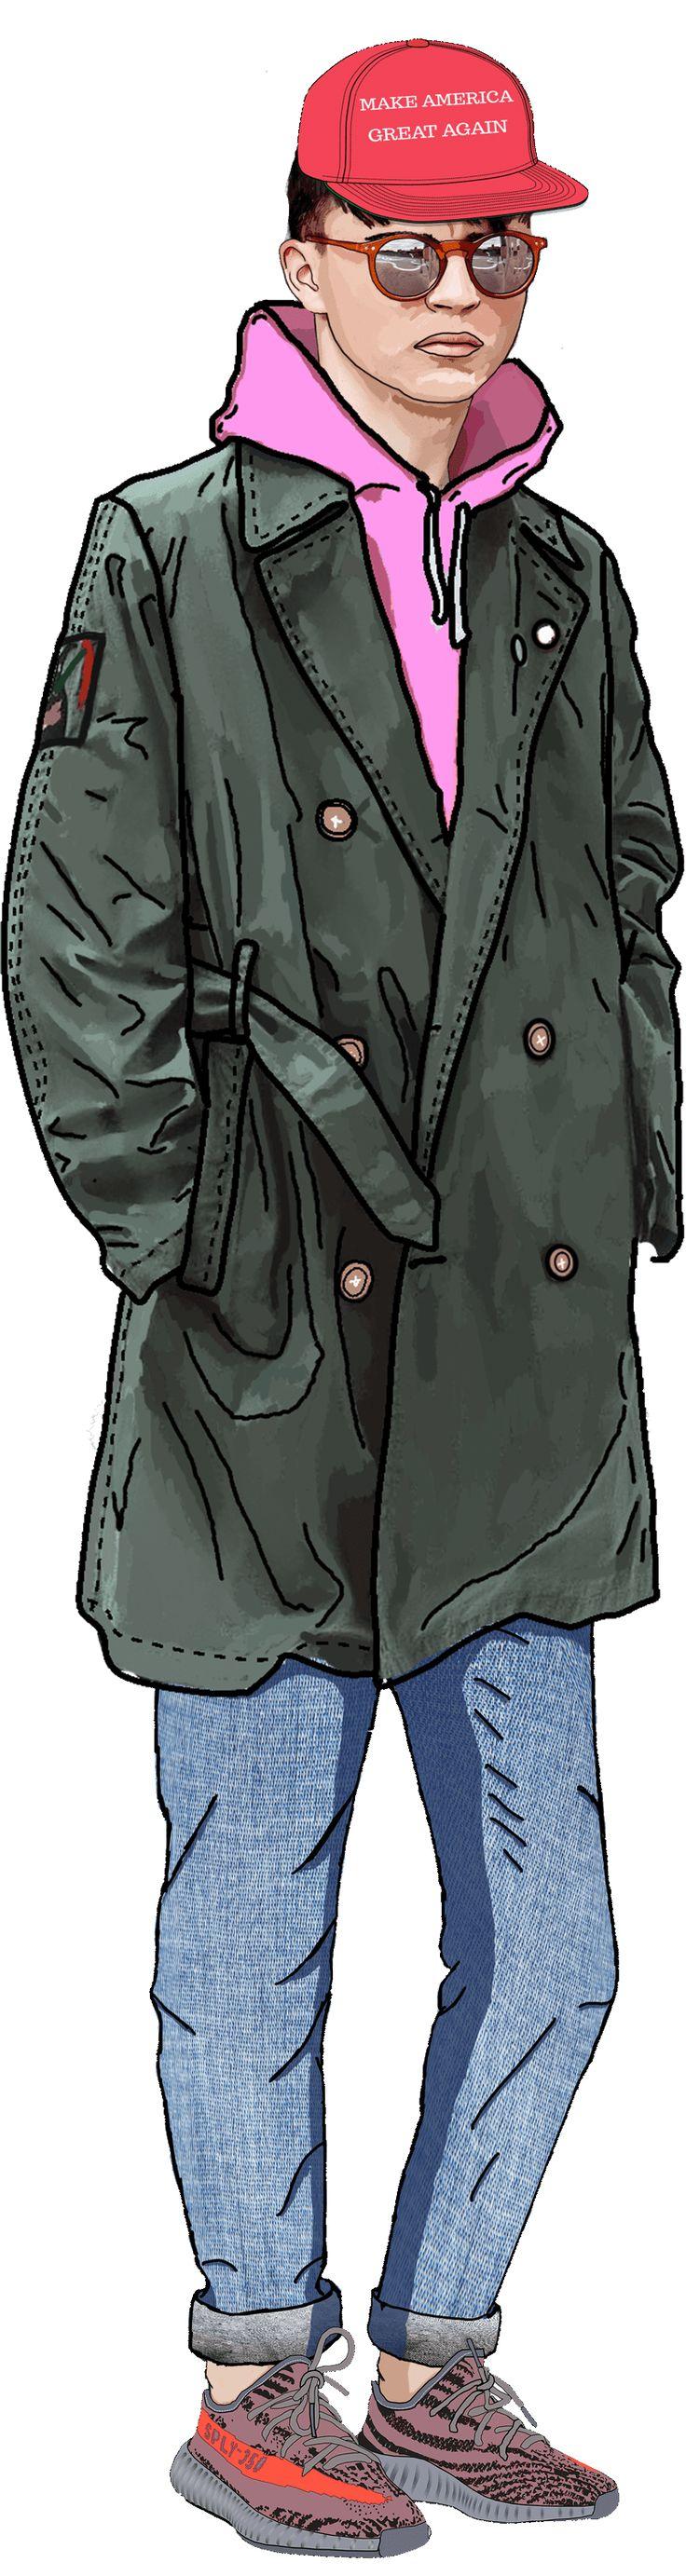 2к16    Мода уличная одежда стритвир стритвеар модник streetwear   https://vk.com/shegloids